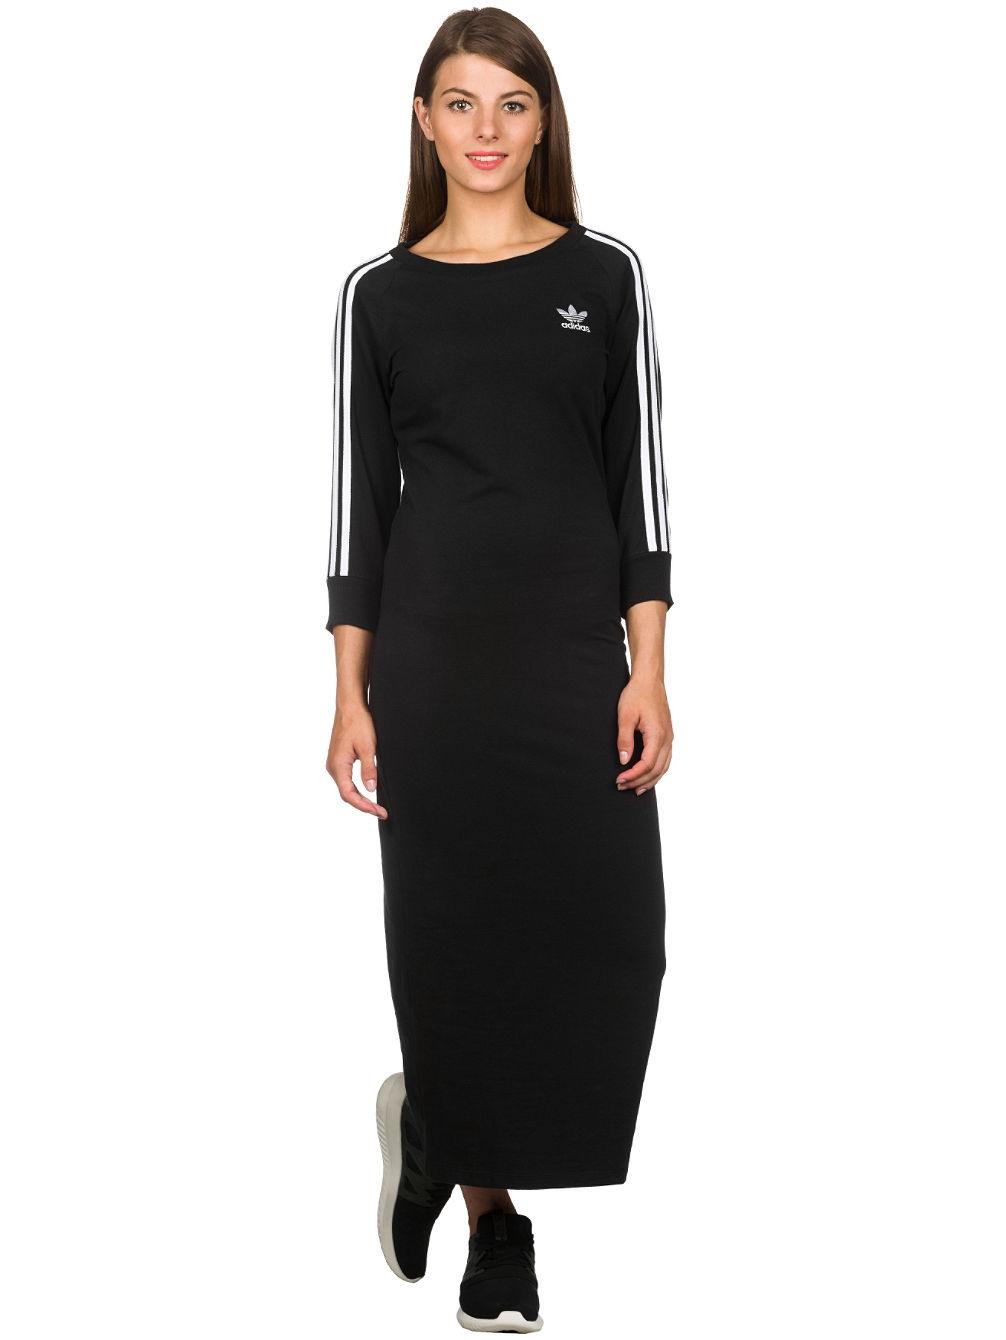 Adidas jurk lang